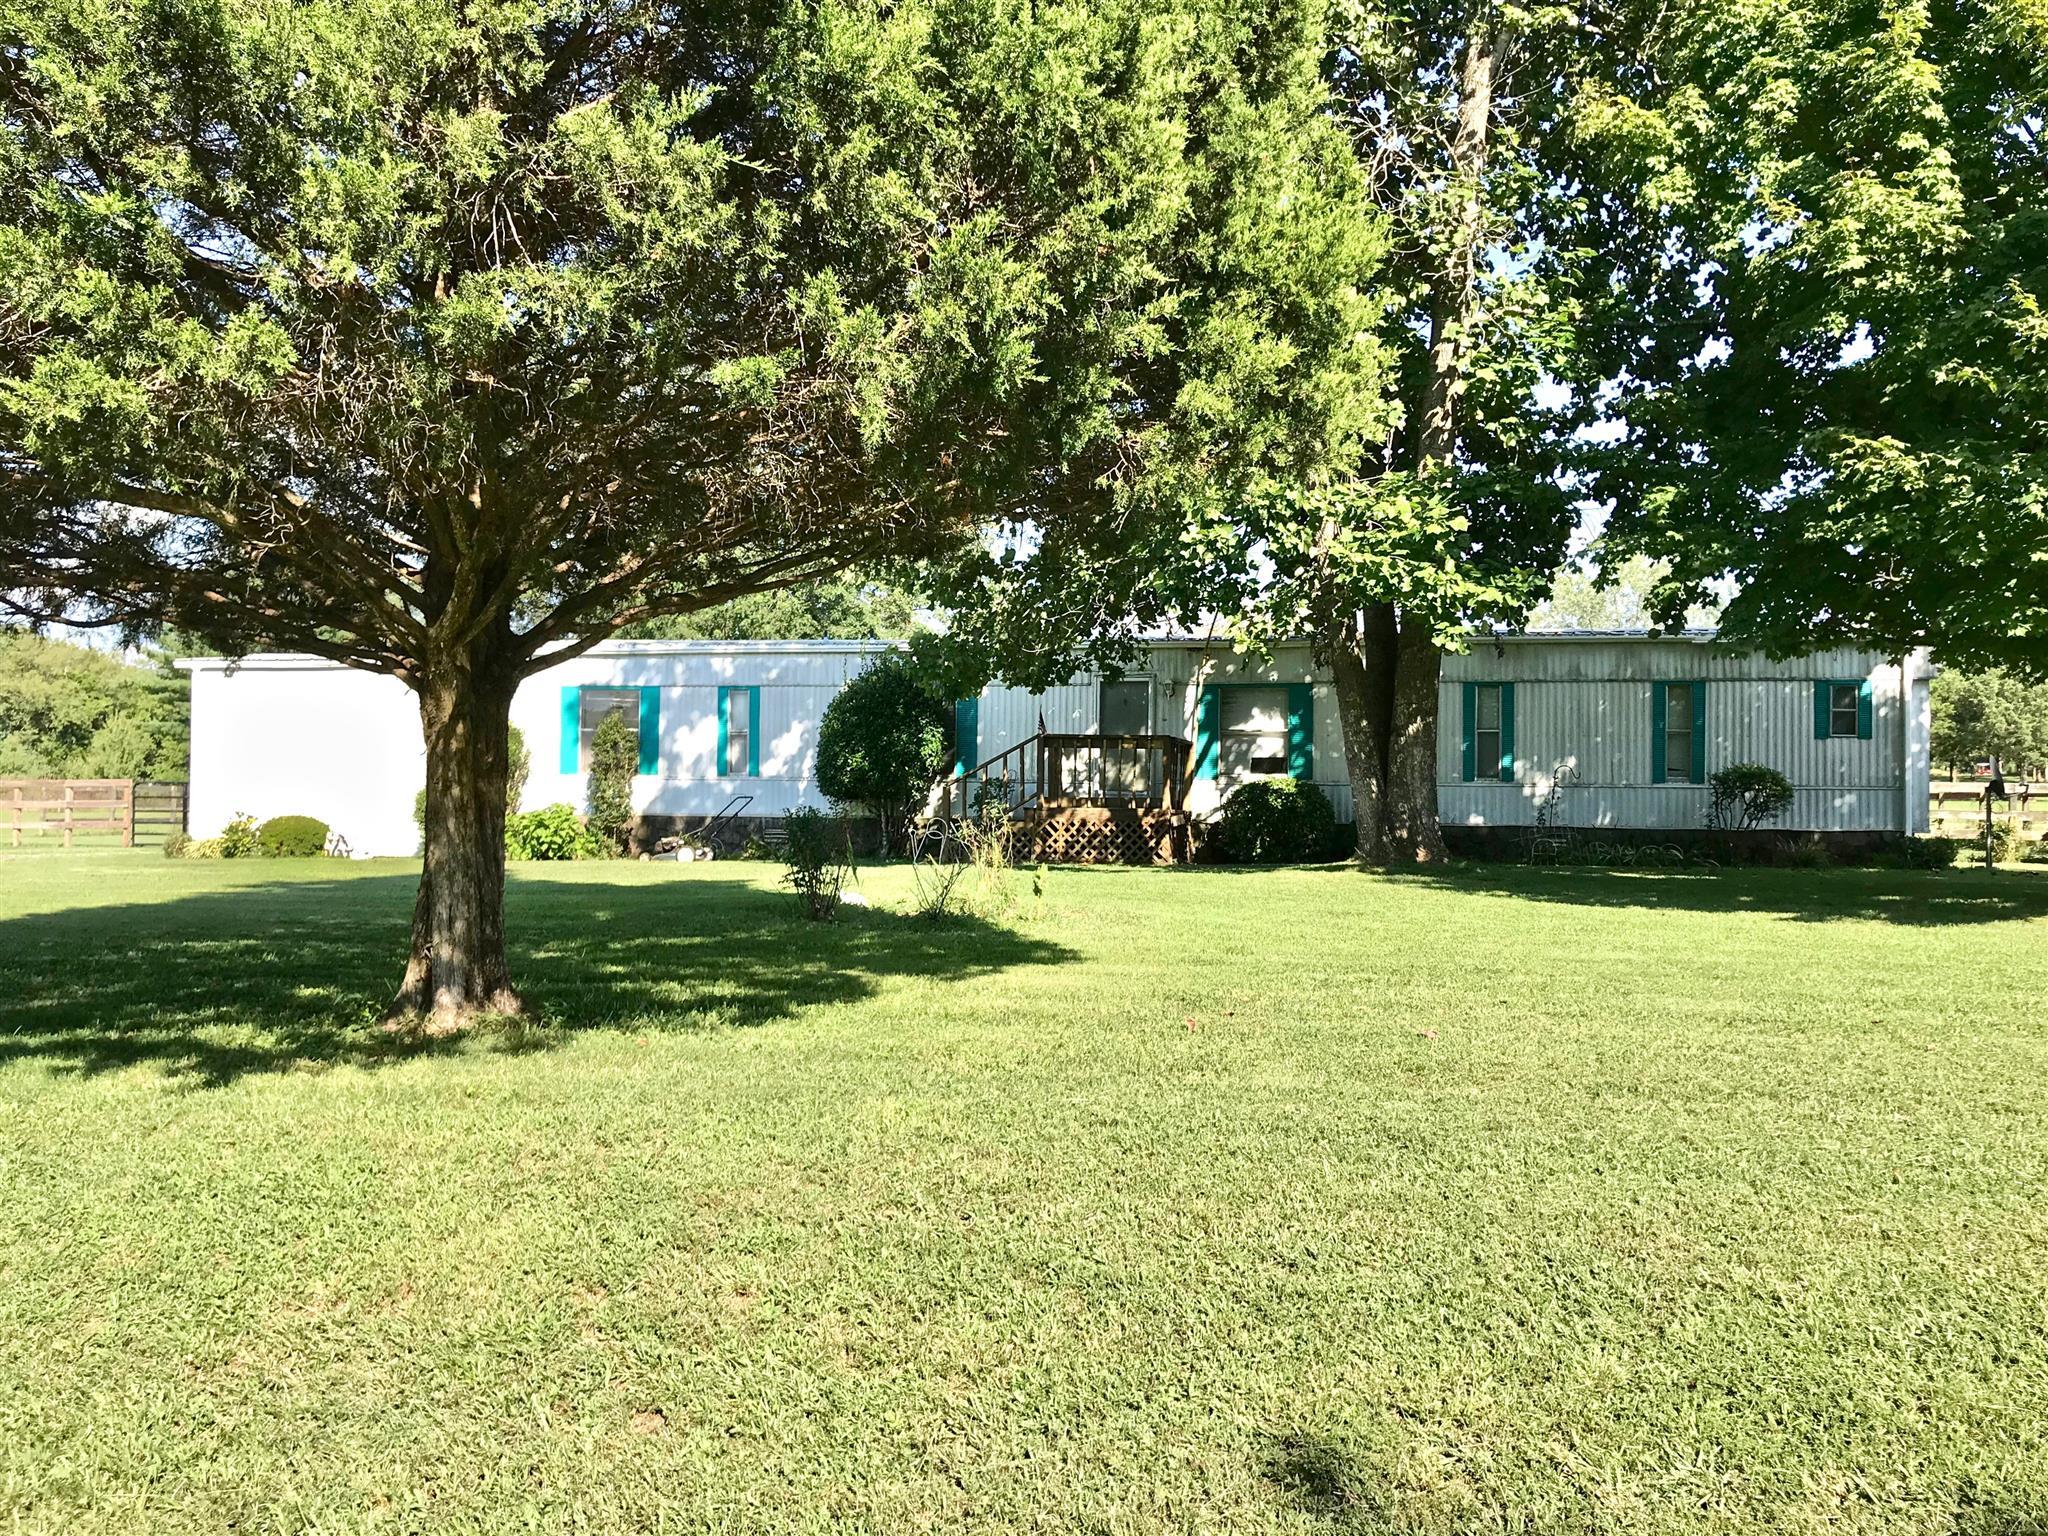 9920 Debra Drive, Murfreesboro, TN 37129 - Murfreesboro, TN real estate listing